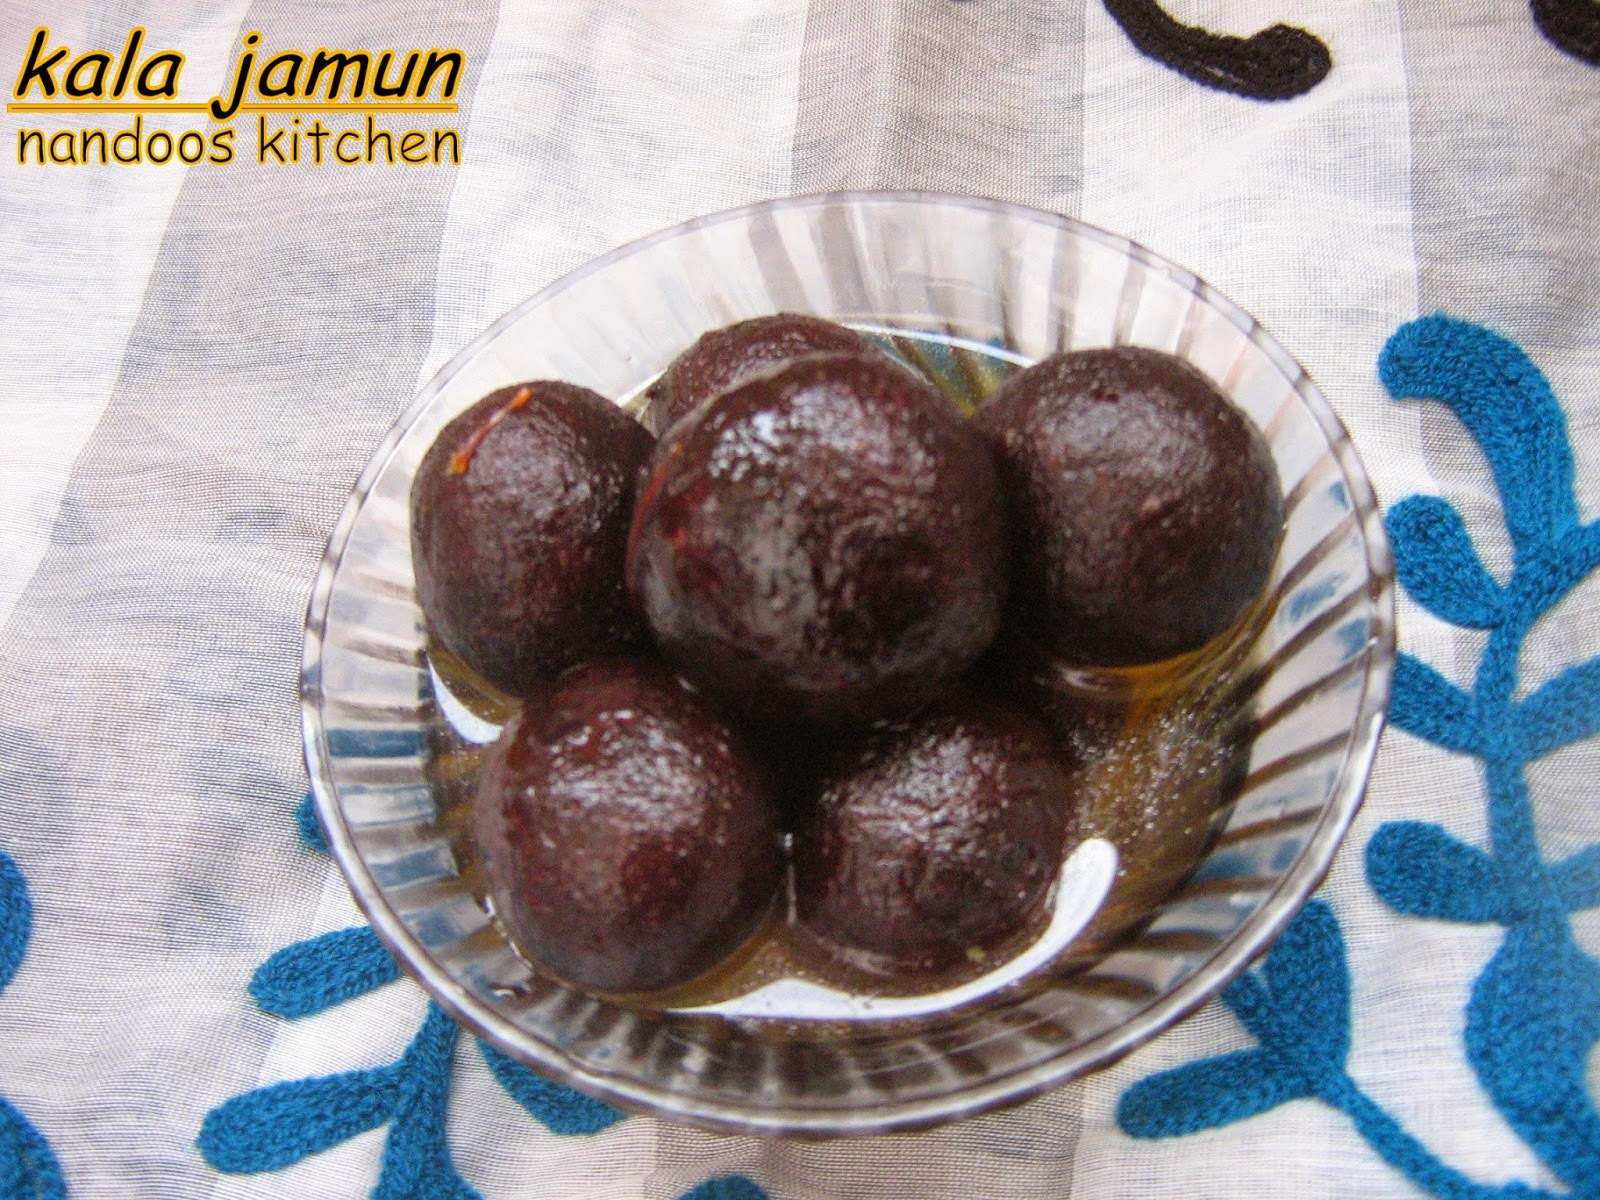 kala jamun / Bengali kala jamun / kalo jaam